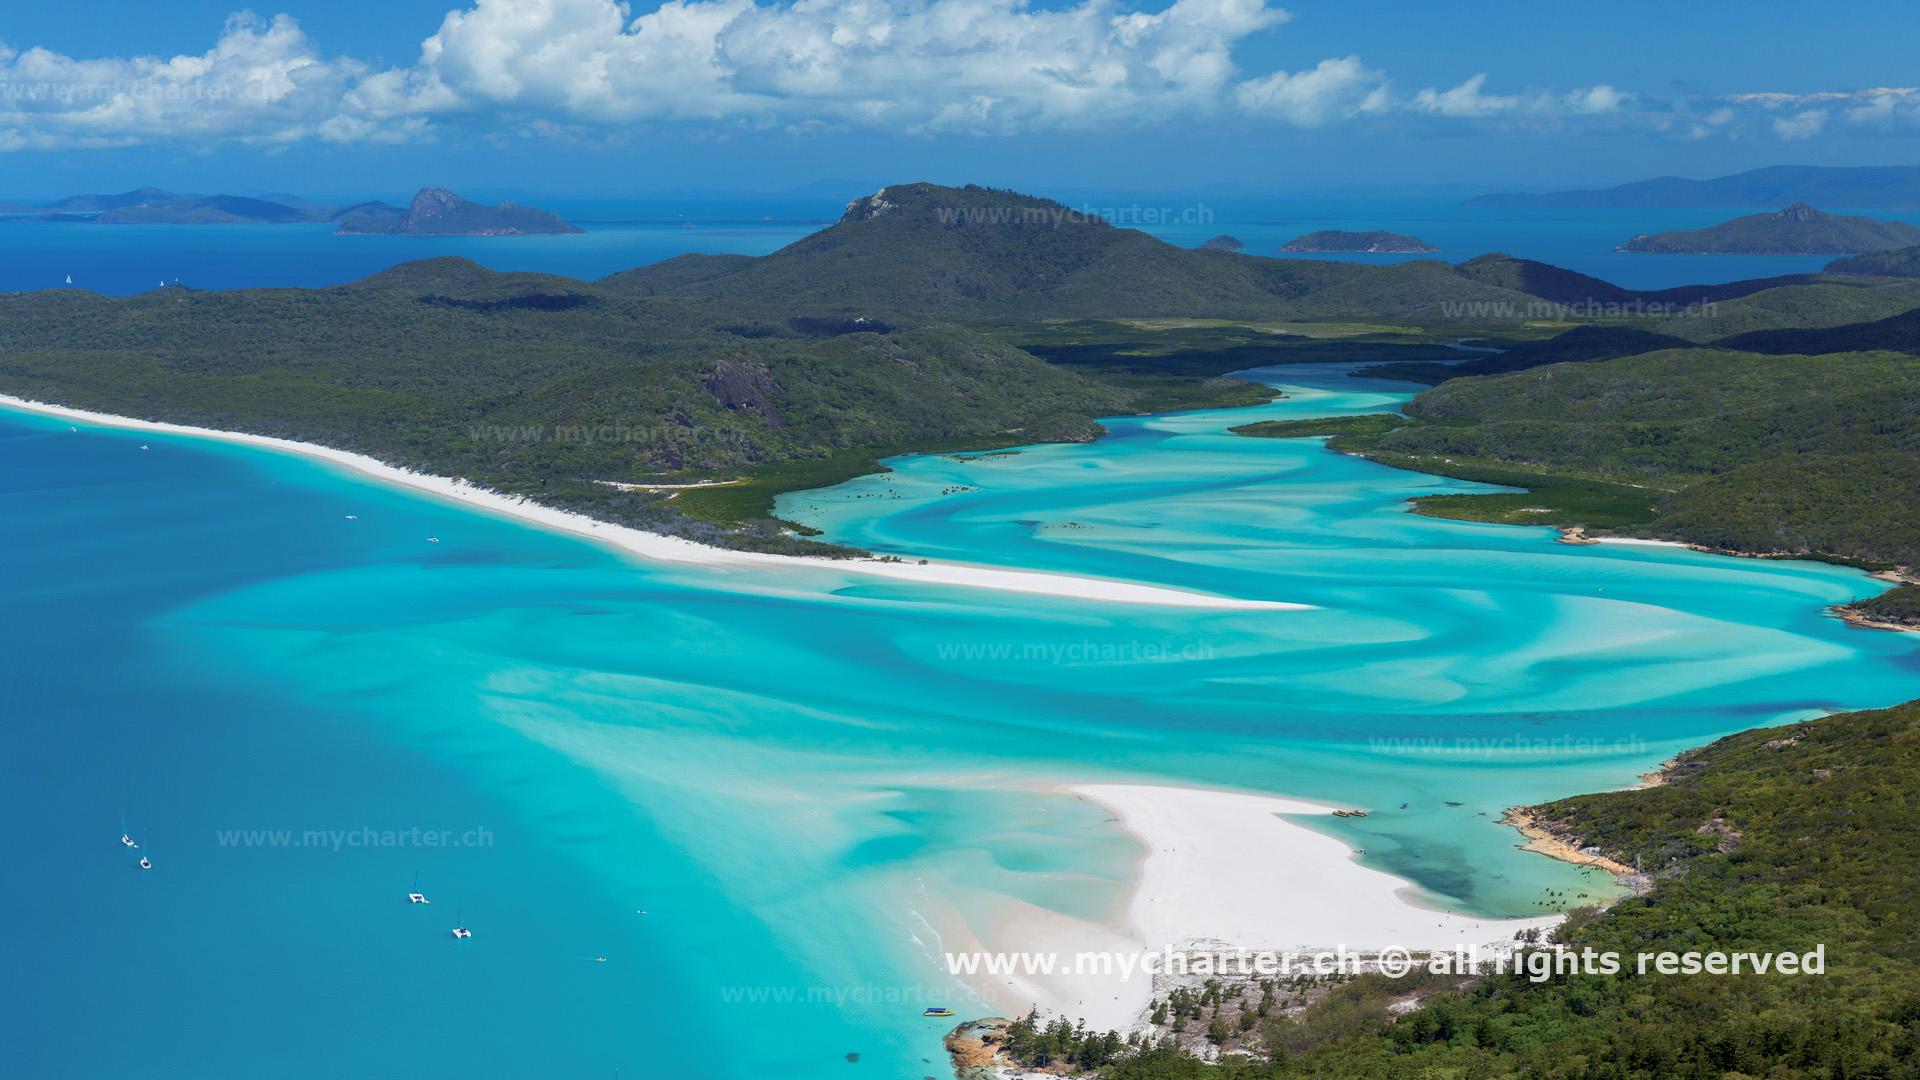 Yachtcharter Südesee - Australien - Whitehaven Beach